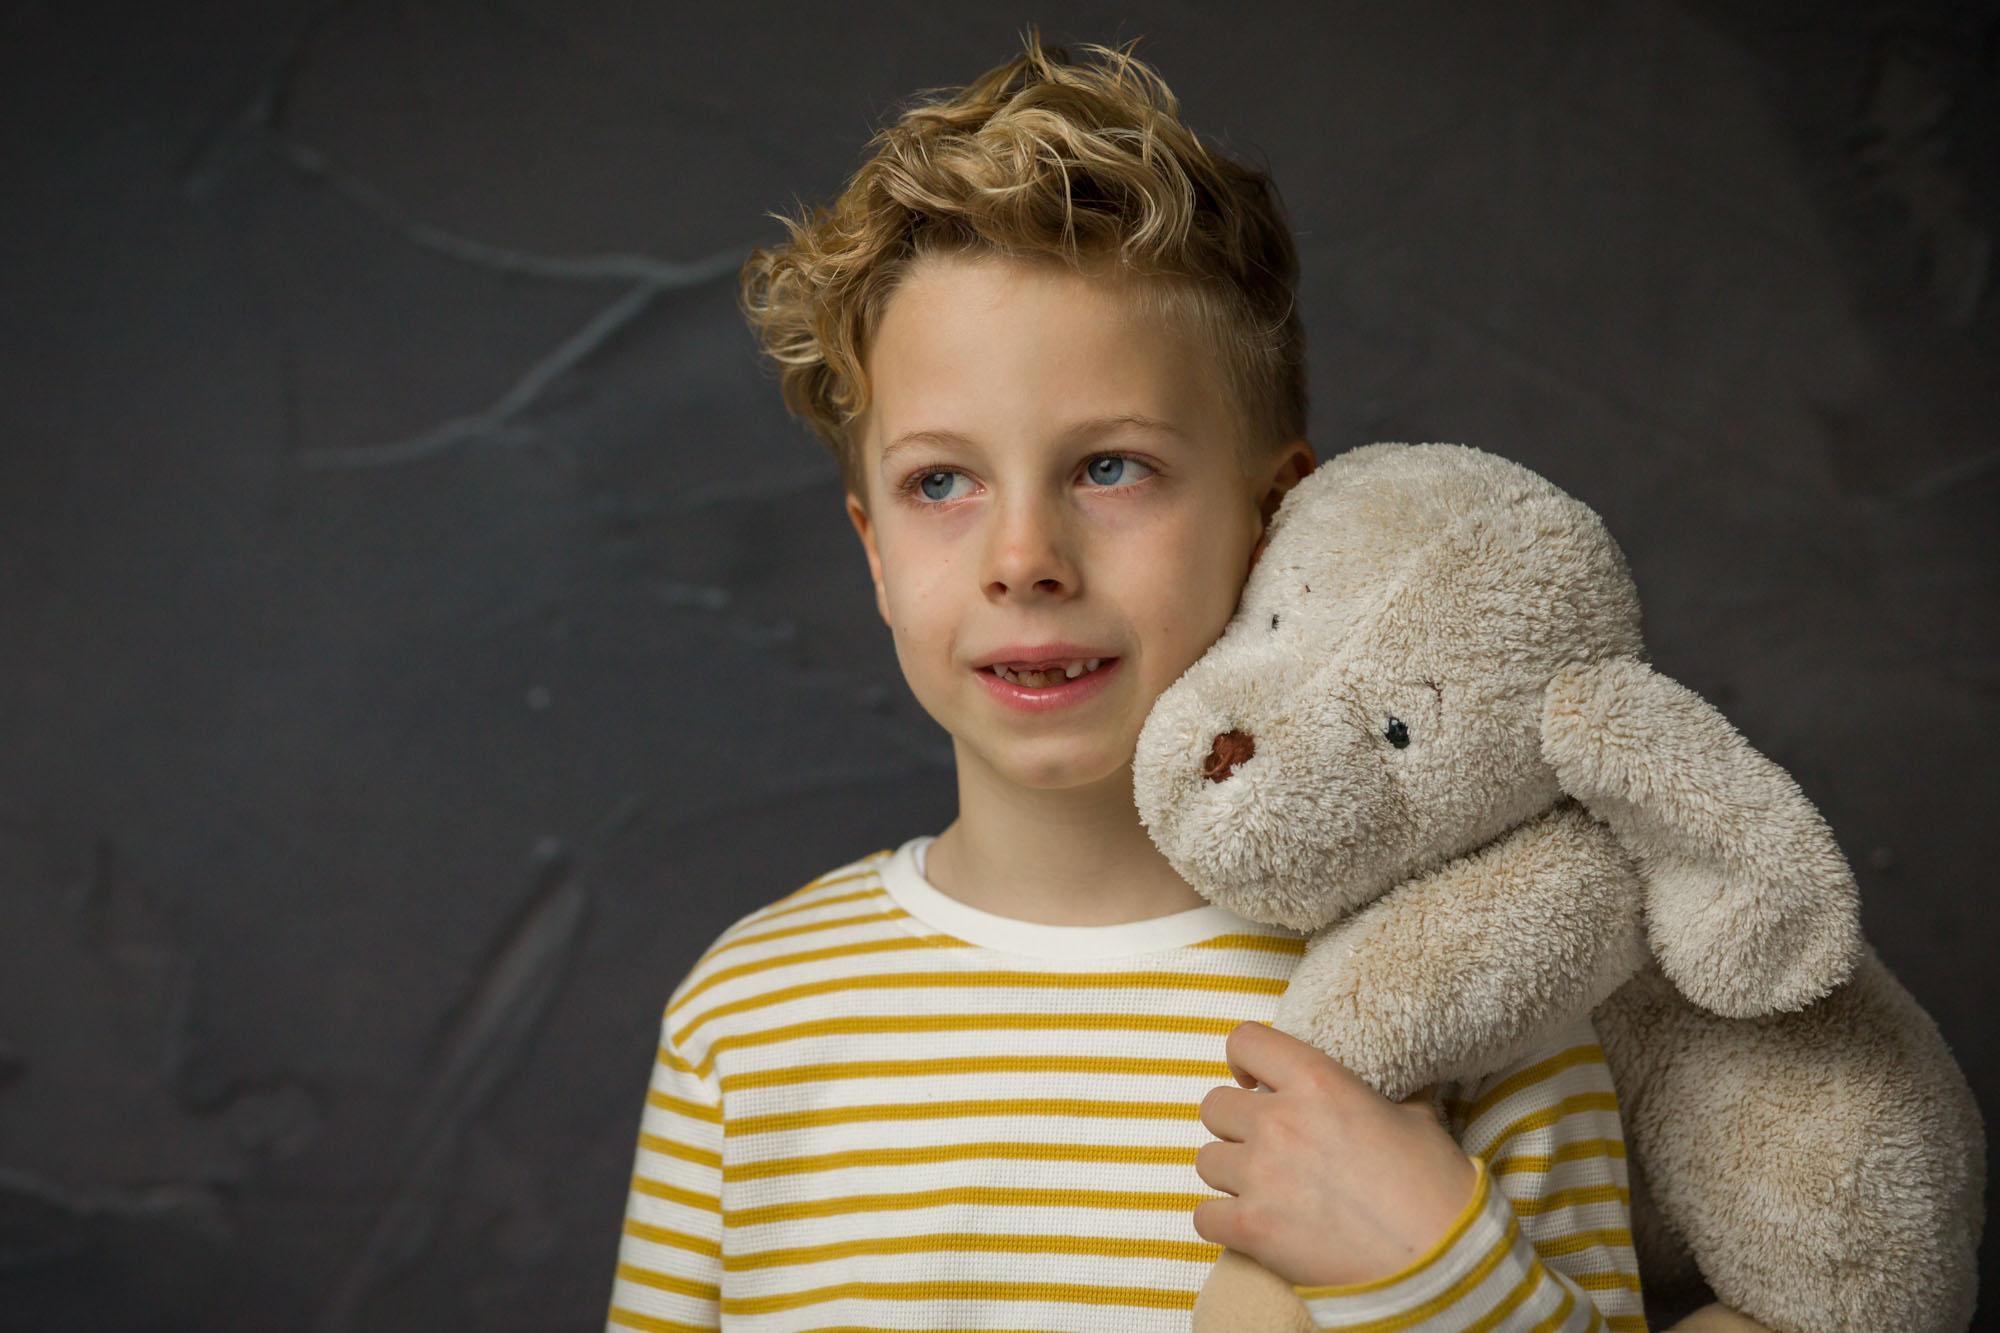 portret van blonde jongen met knuffel in studio met natuurlijk licht door MayraFotografie